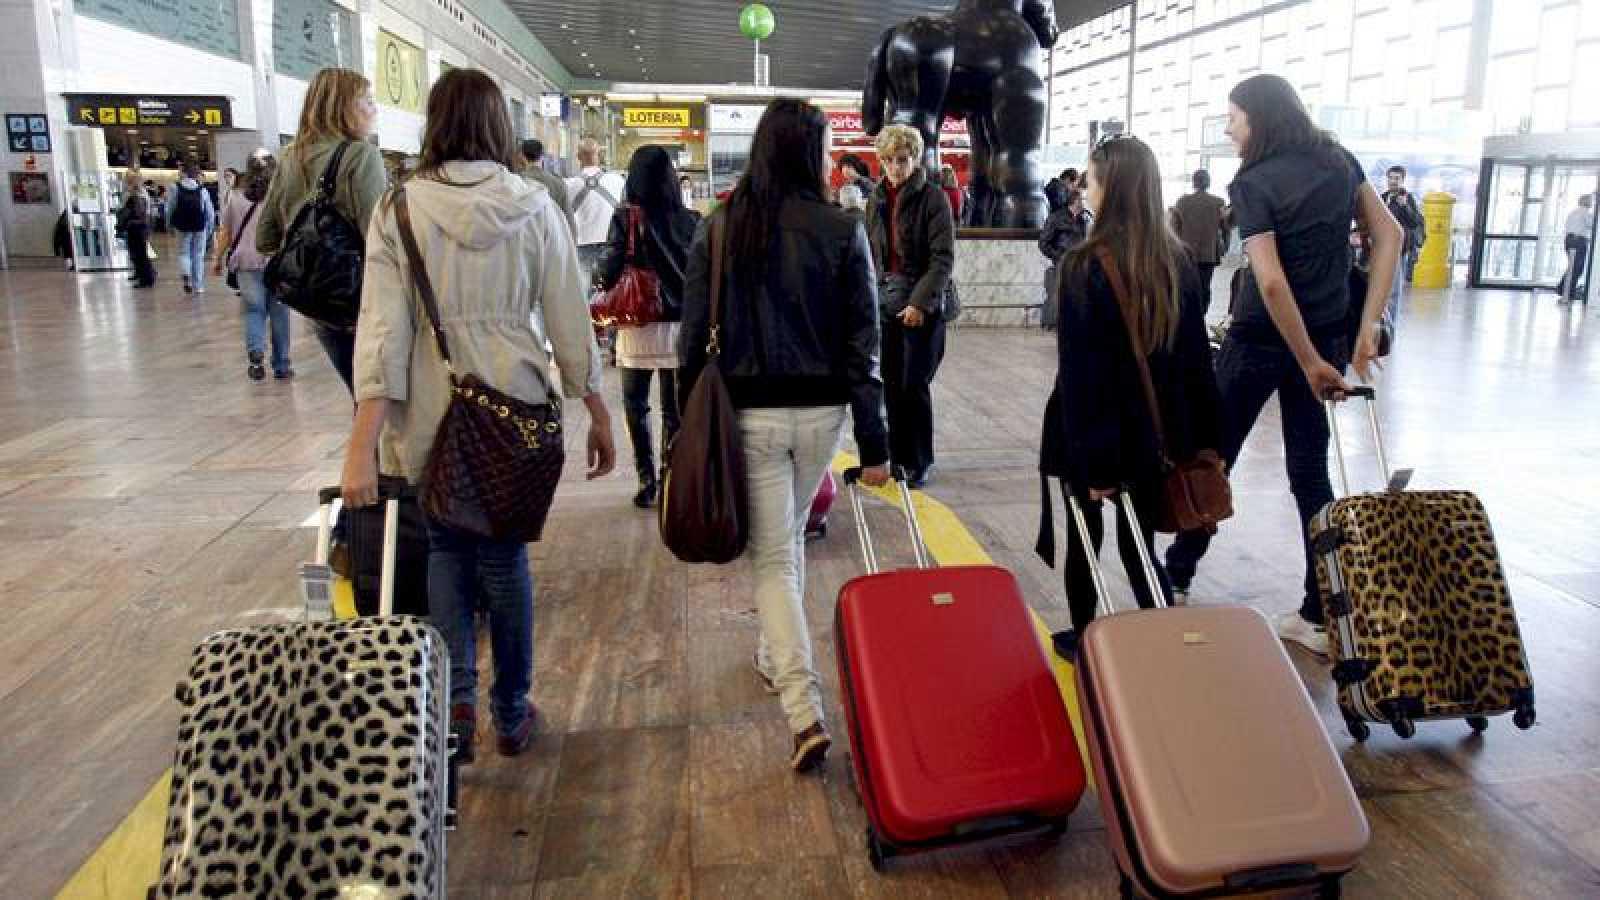 Aumenta un 3,2% el número de españoles que reside en el extranjero hasta los 2,4 millones